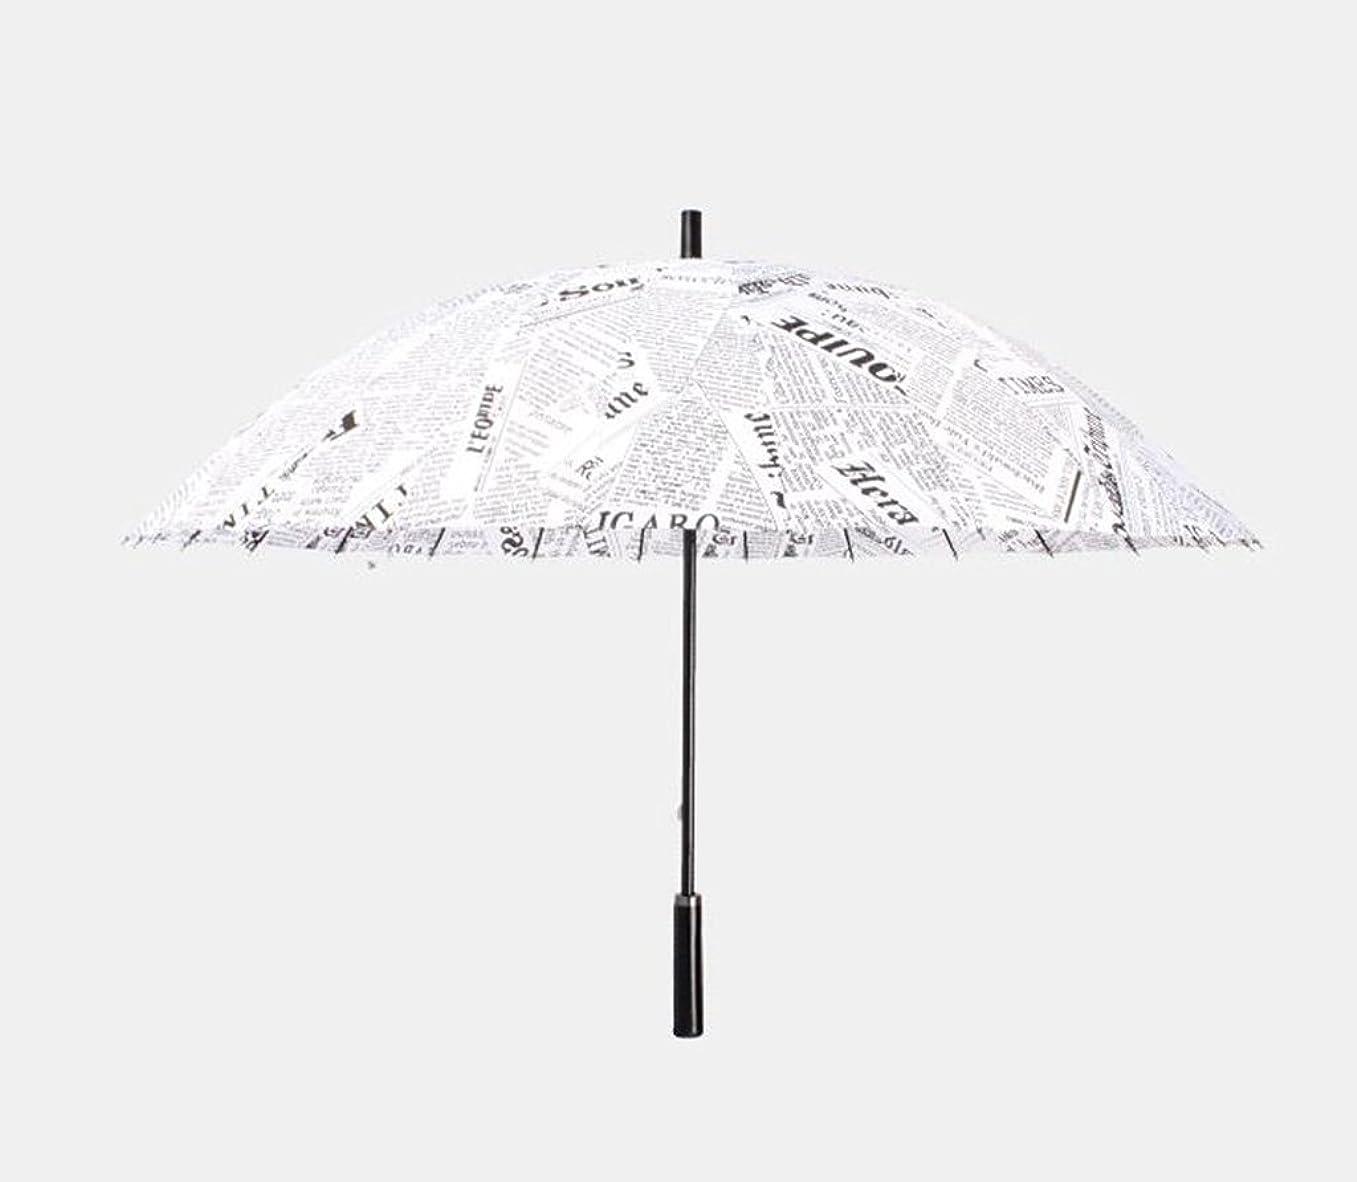 ピースメイエラ国創造的な新聞傘24骨は防風ロングハンドル傘男性パラソル傘二重日傘を増やします ズトイビー